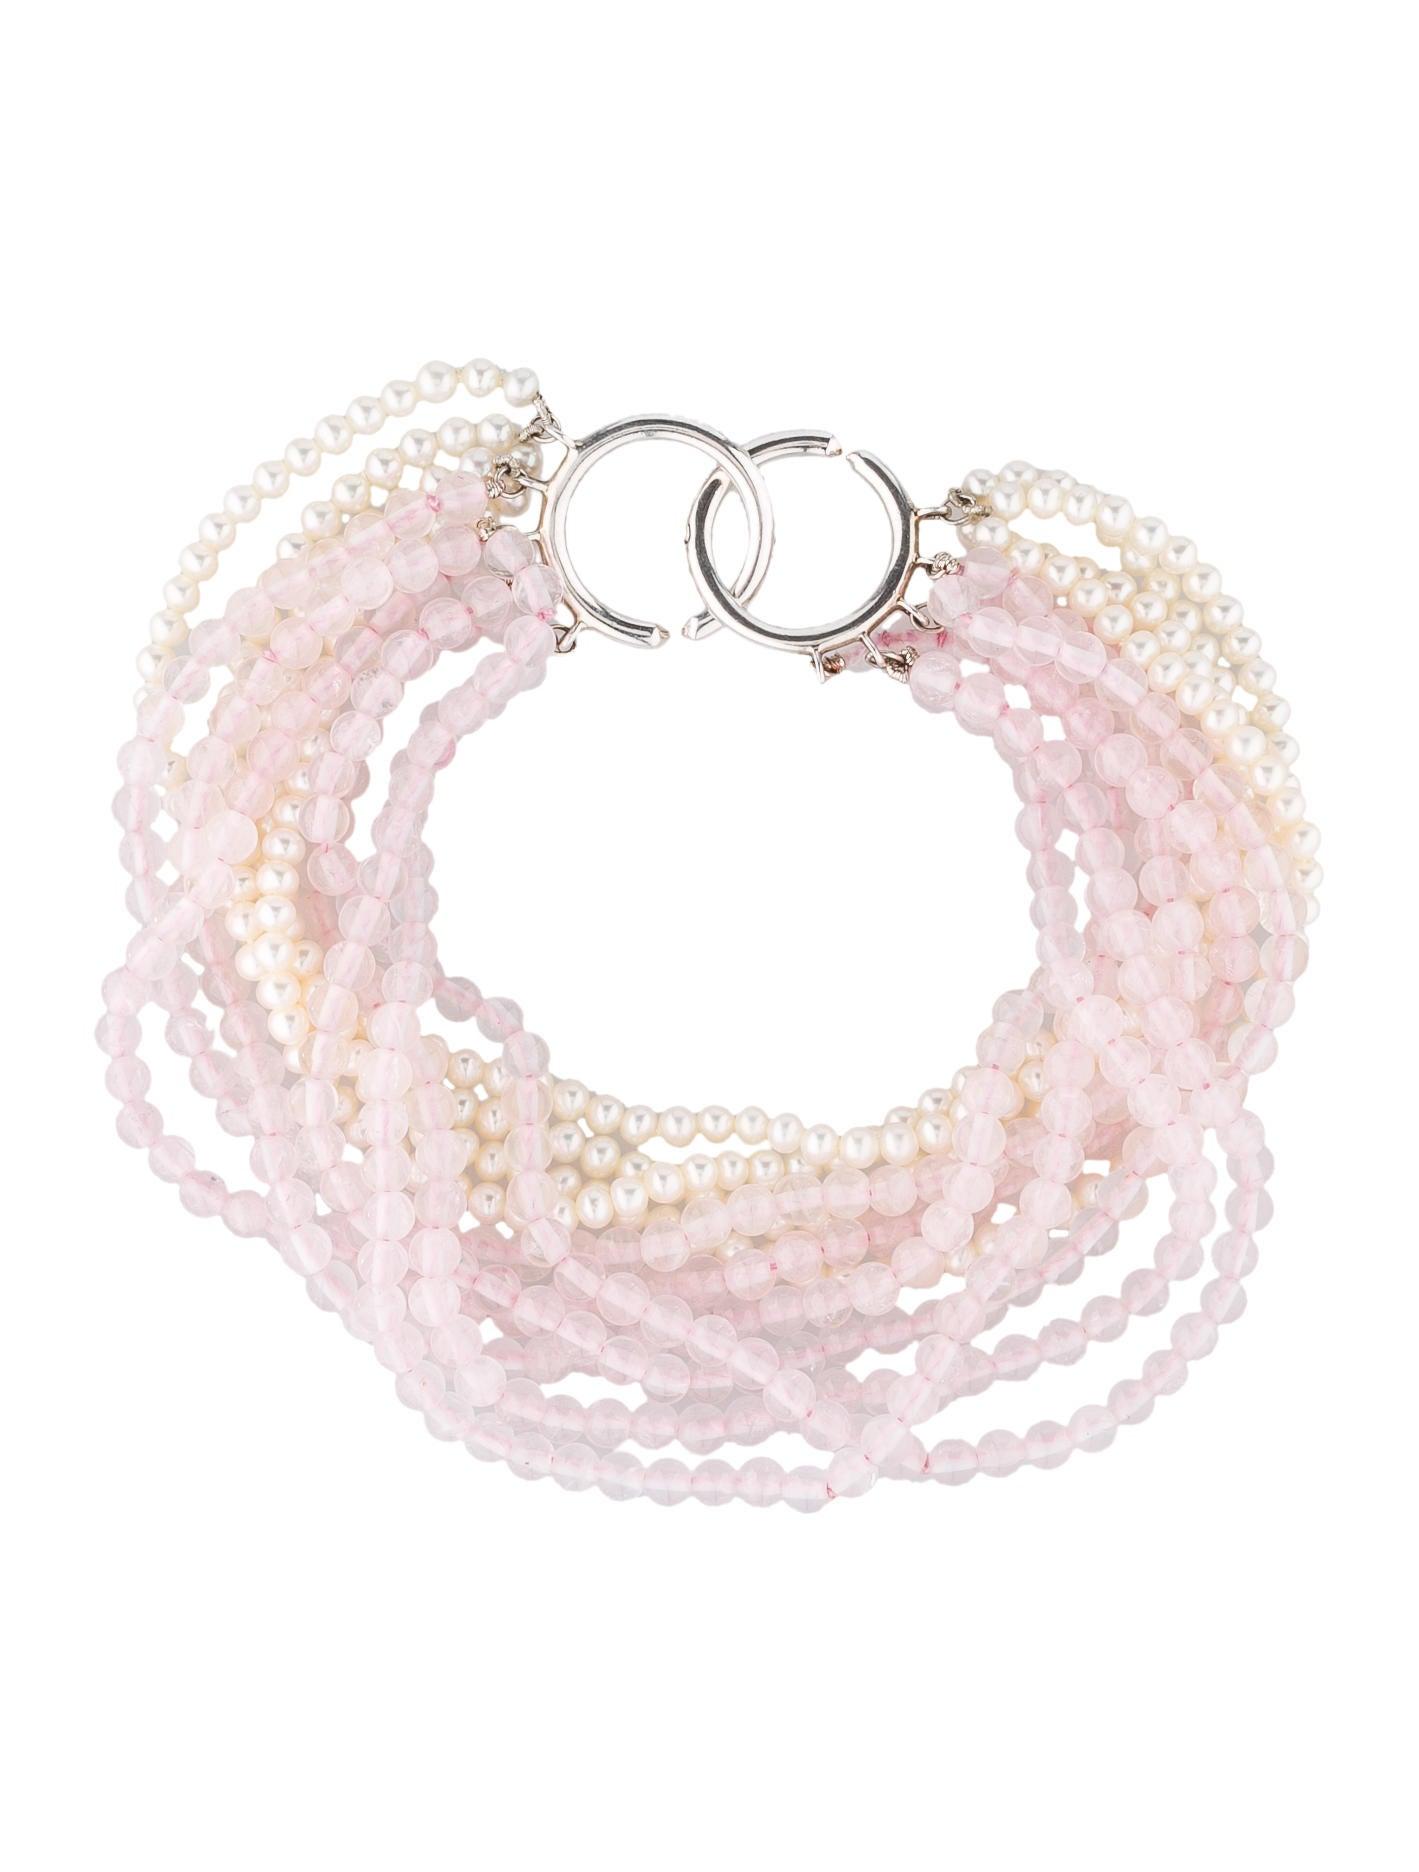 6905df1e2 Tiffany & Co. Rose Quartz & Pearl Bracelet - Bracelets - TIF26171 ...